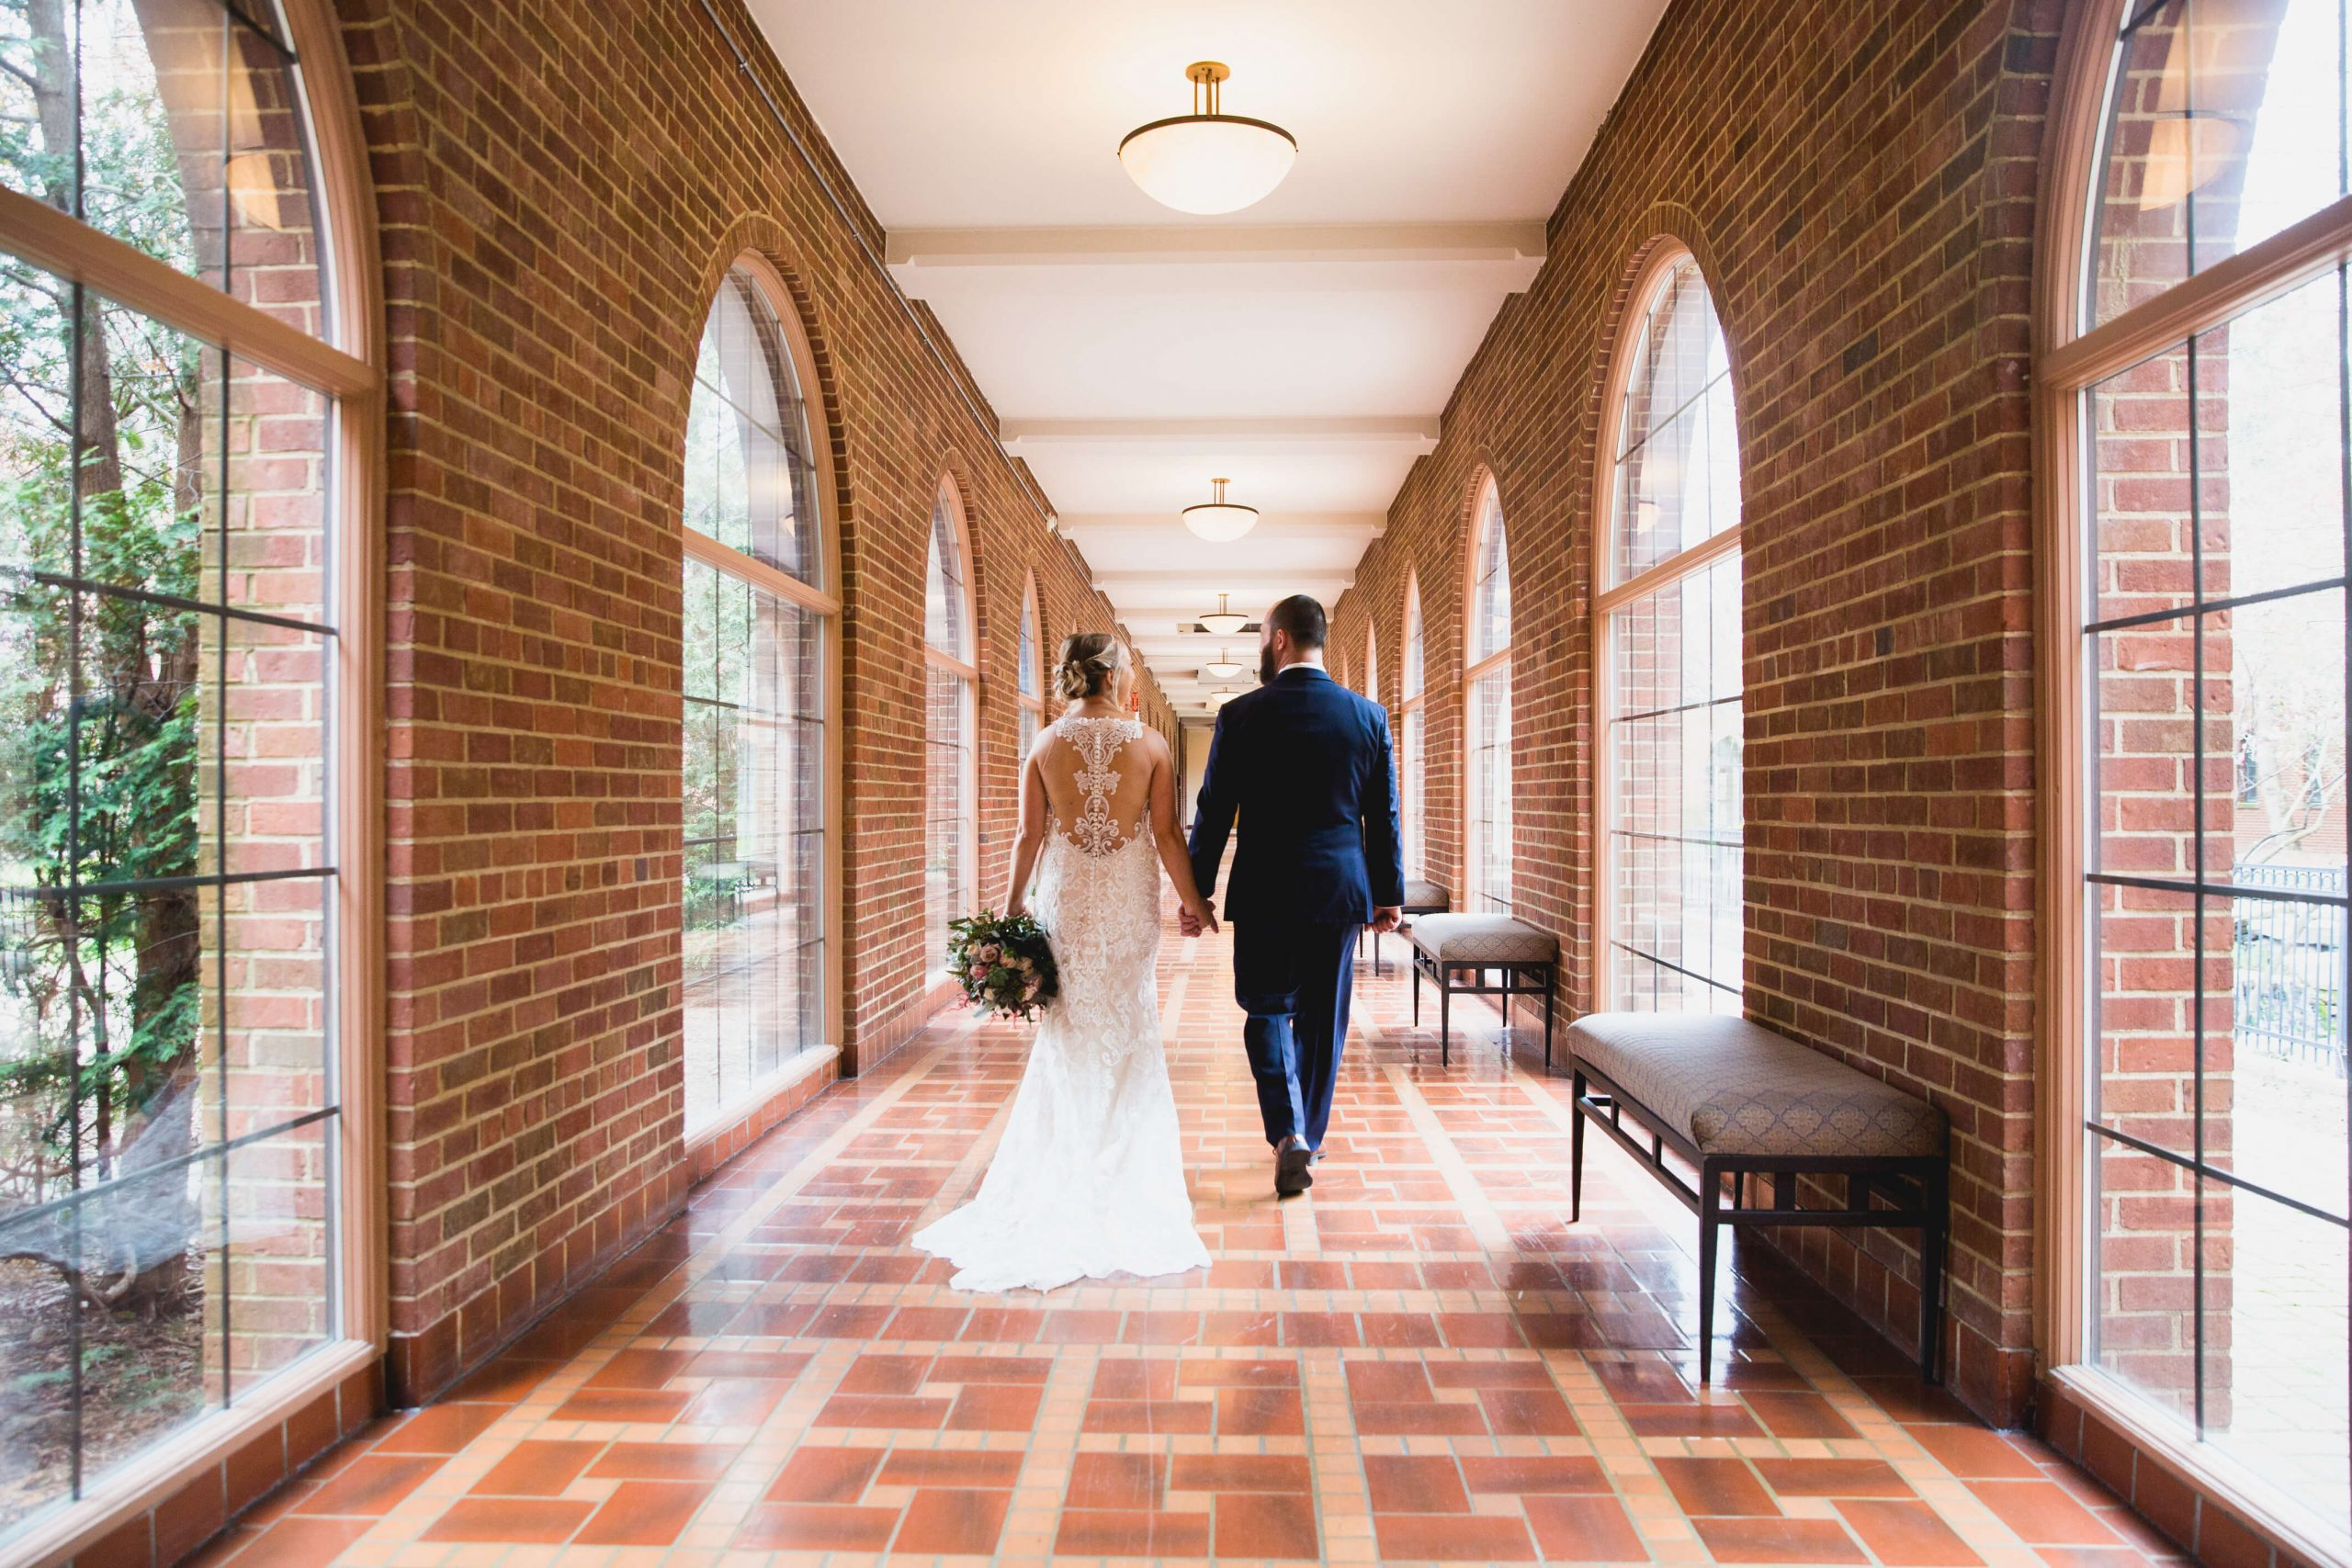 bride and groom walking down hall at inn at st. john's